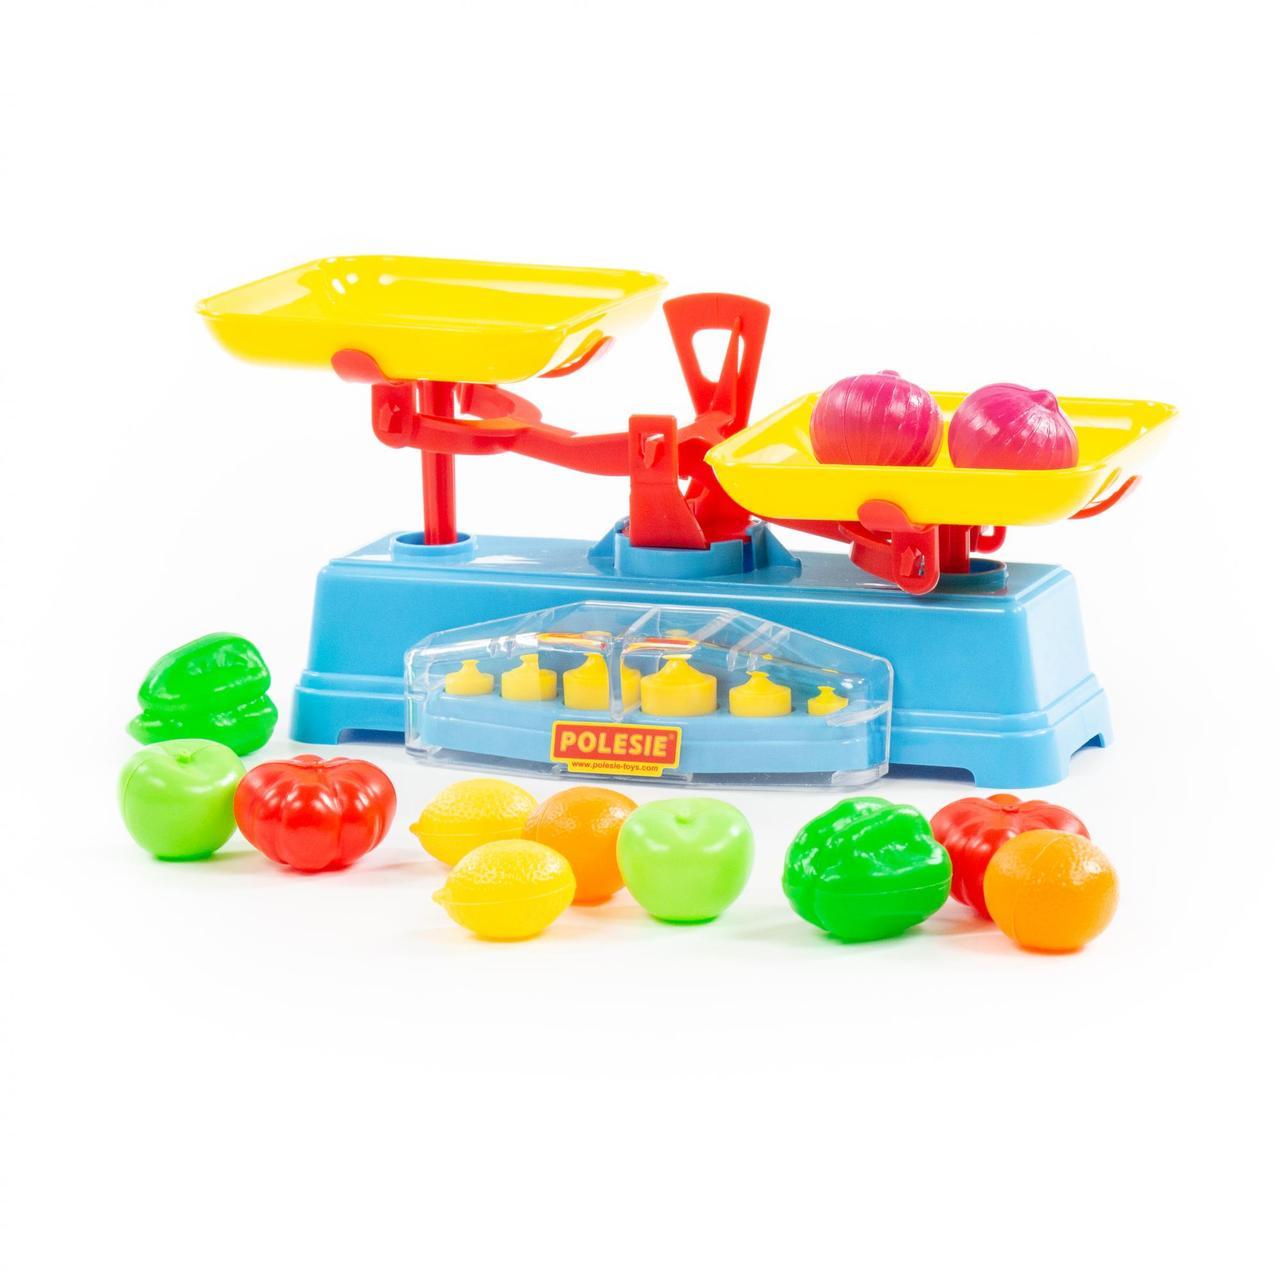 Игровой набор - Весы и комплект продуктов - фото 1